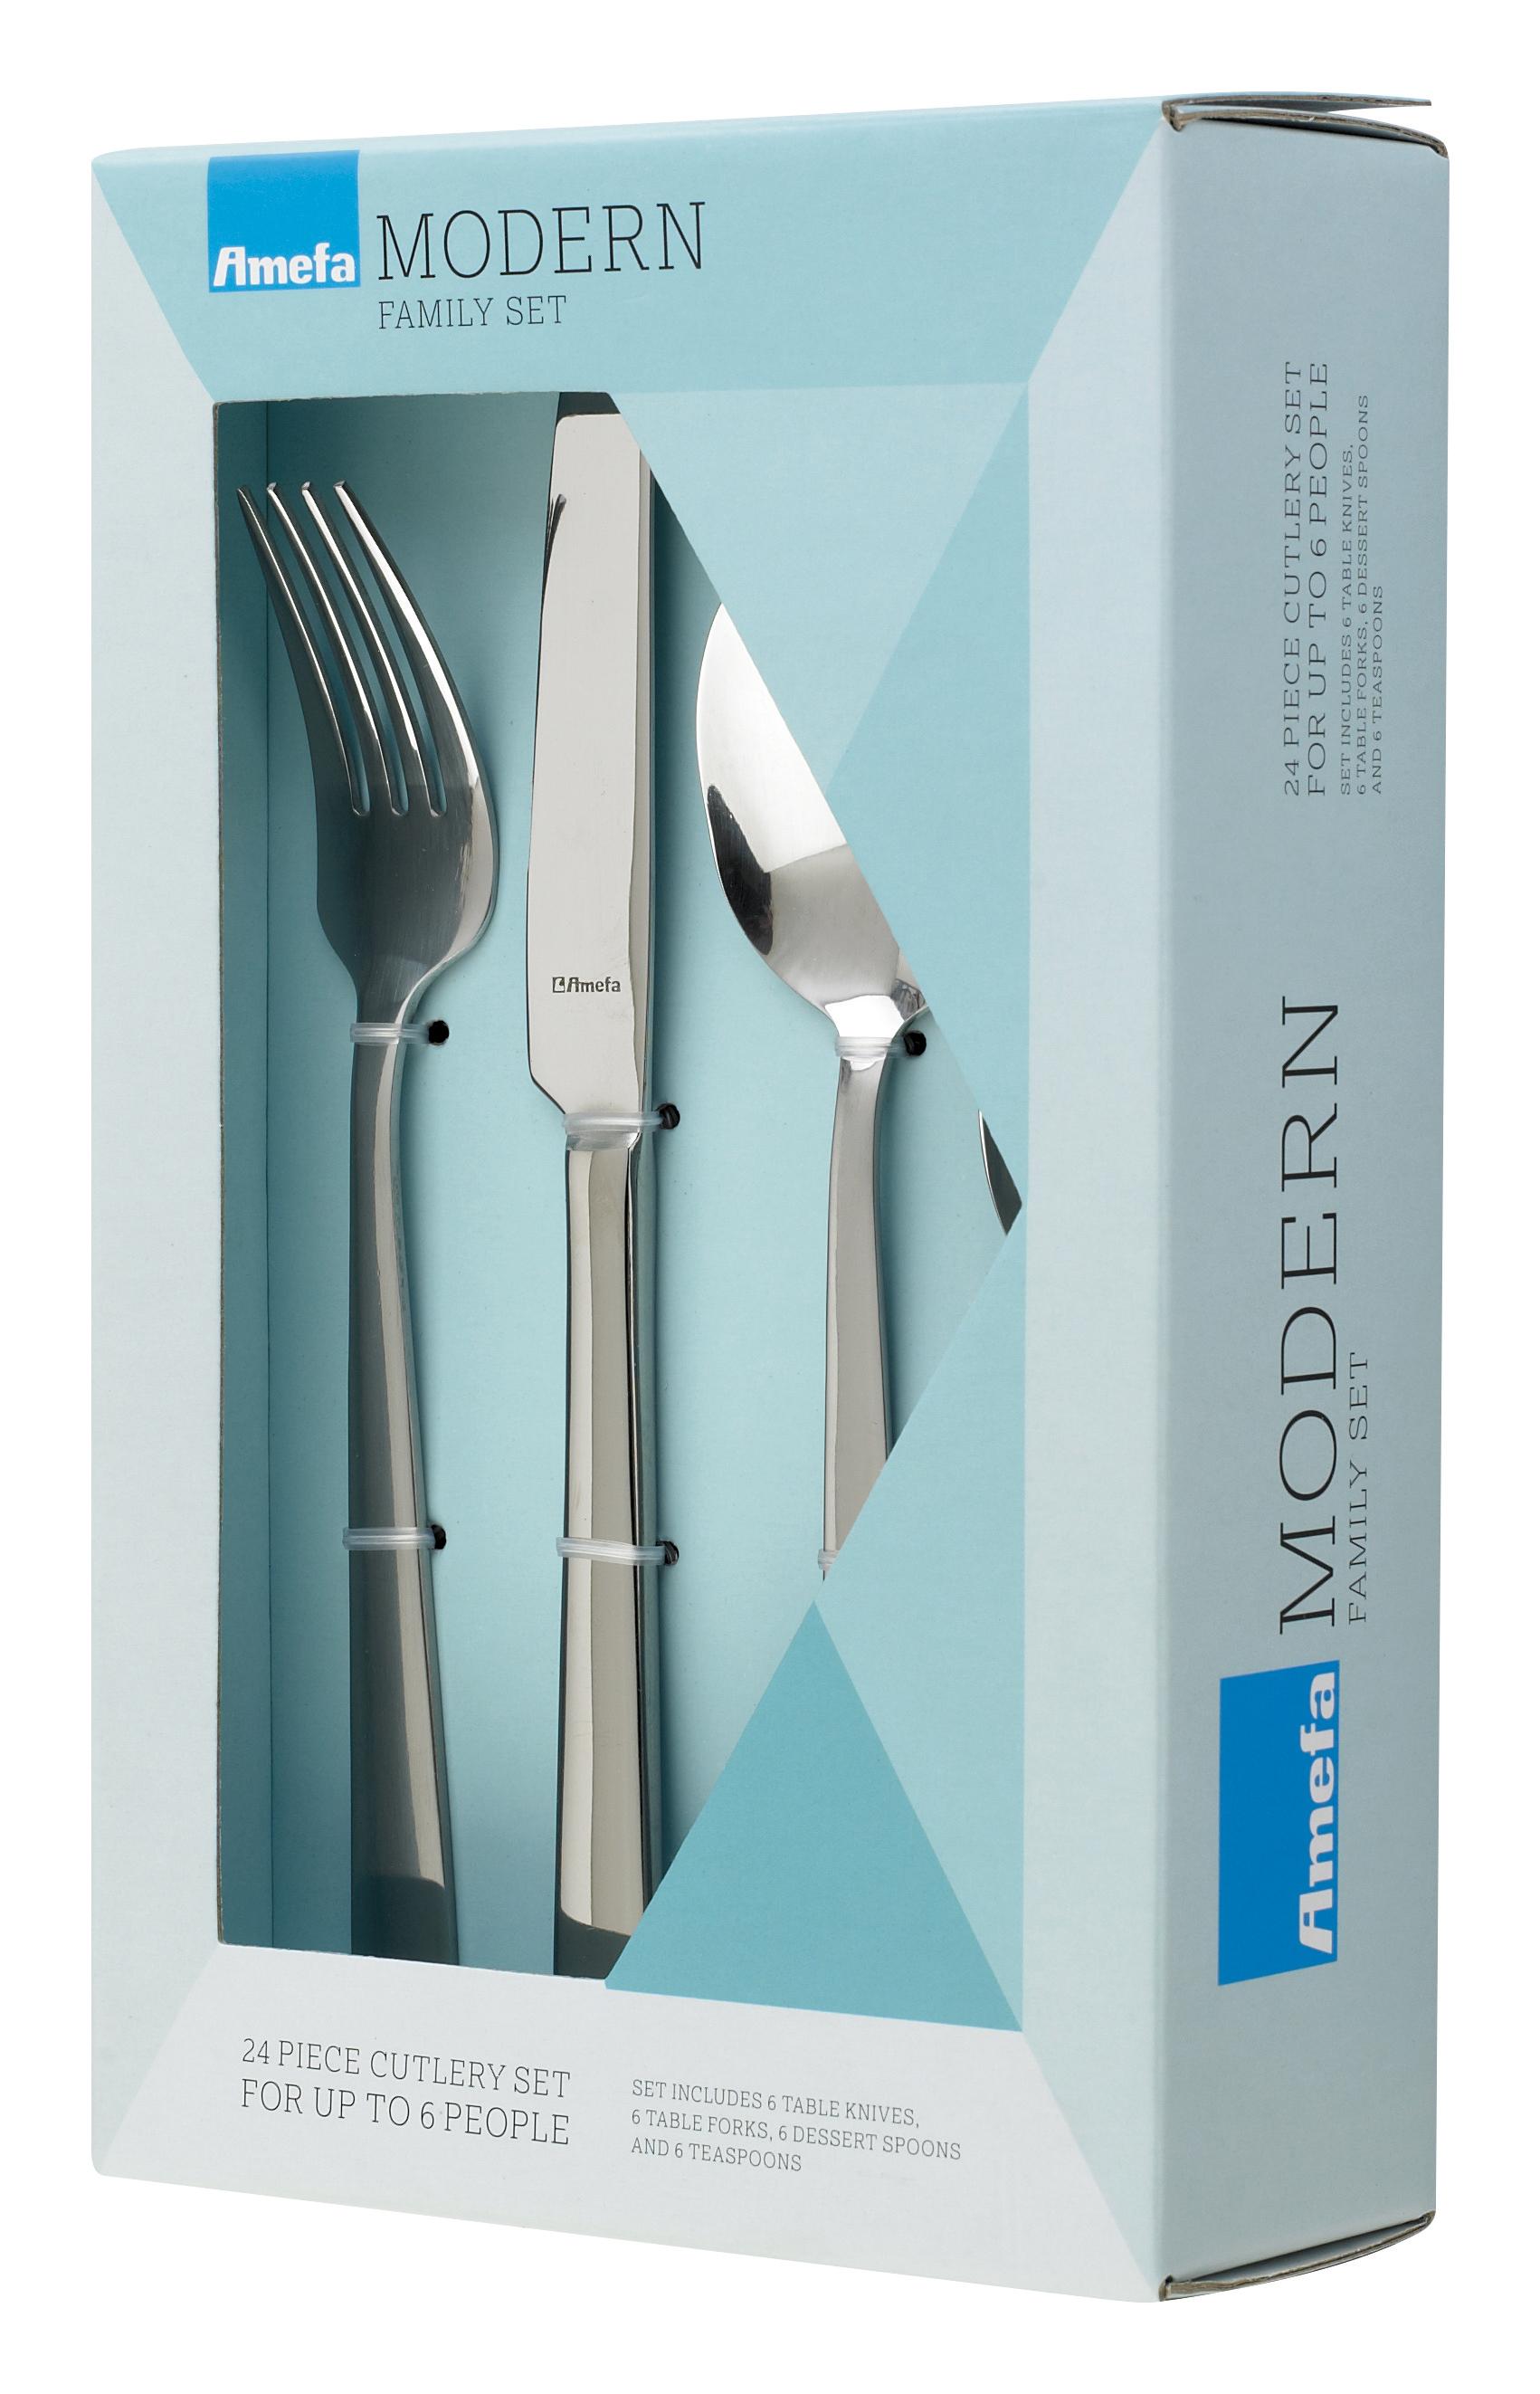 AmefaModern Bliss 18/0 CutlerySet 24pcs